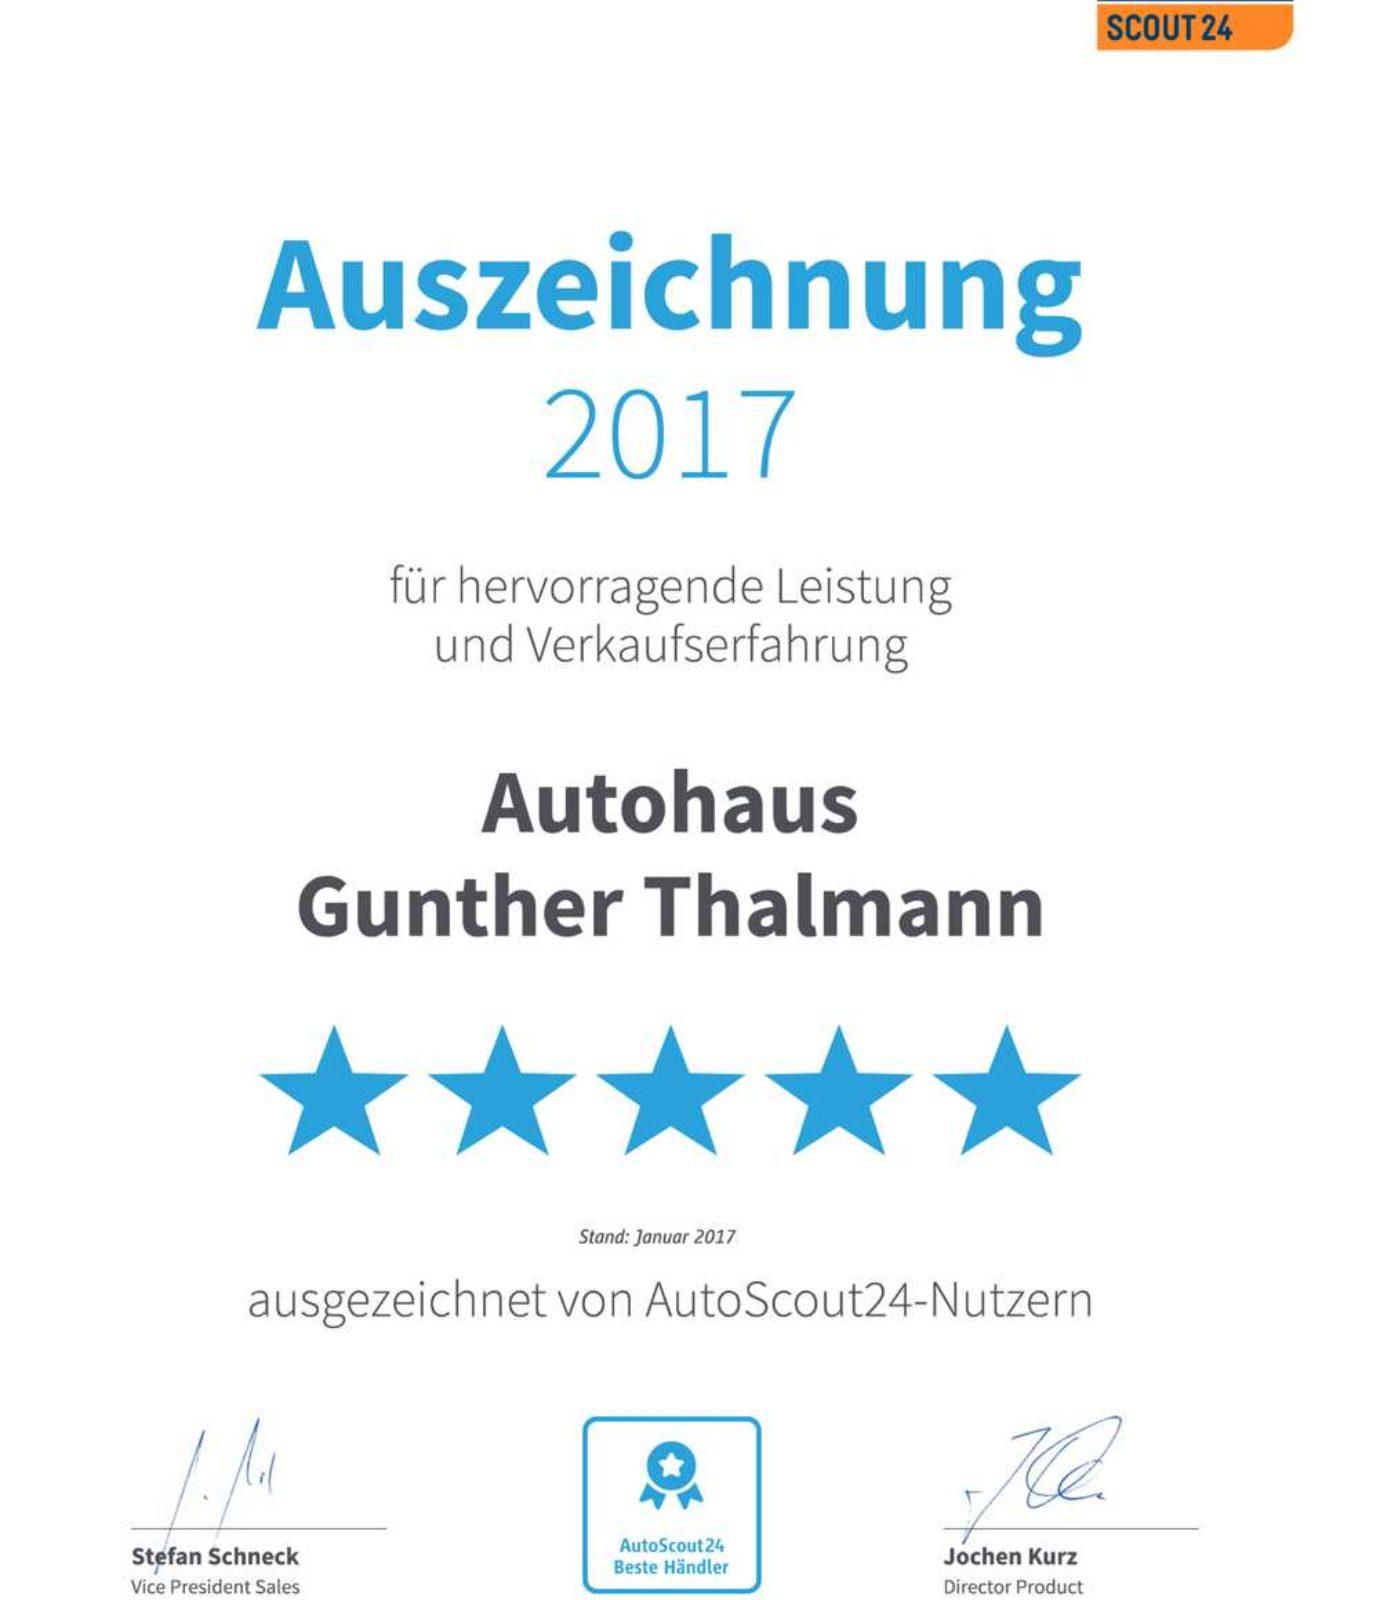 Auszeichnung-2017_AH-Thalmann_AutoScout24